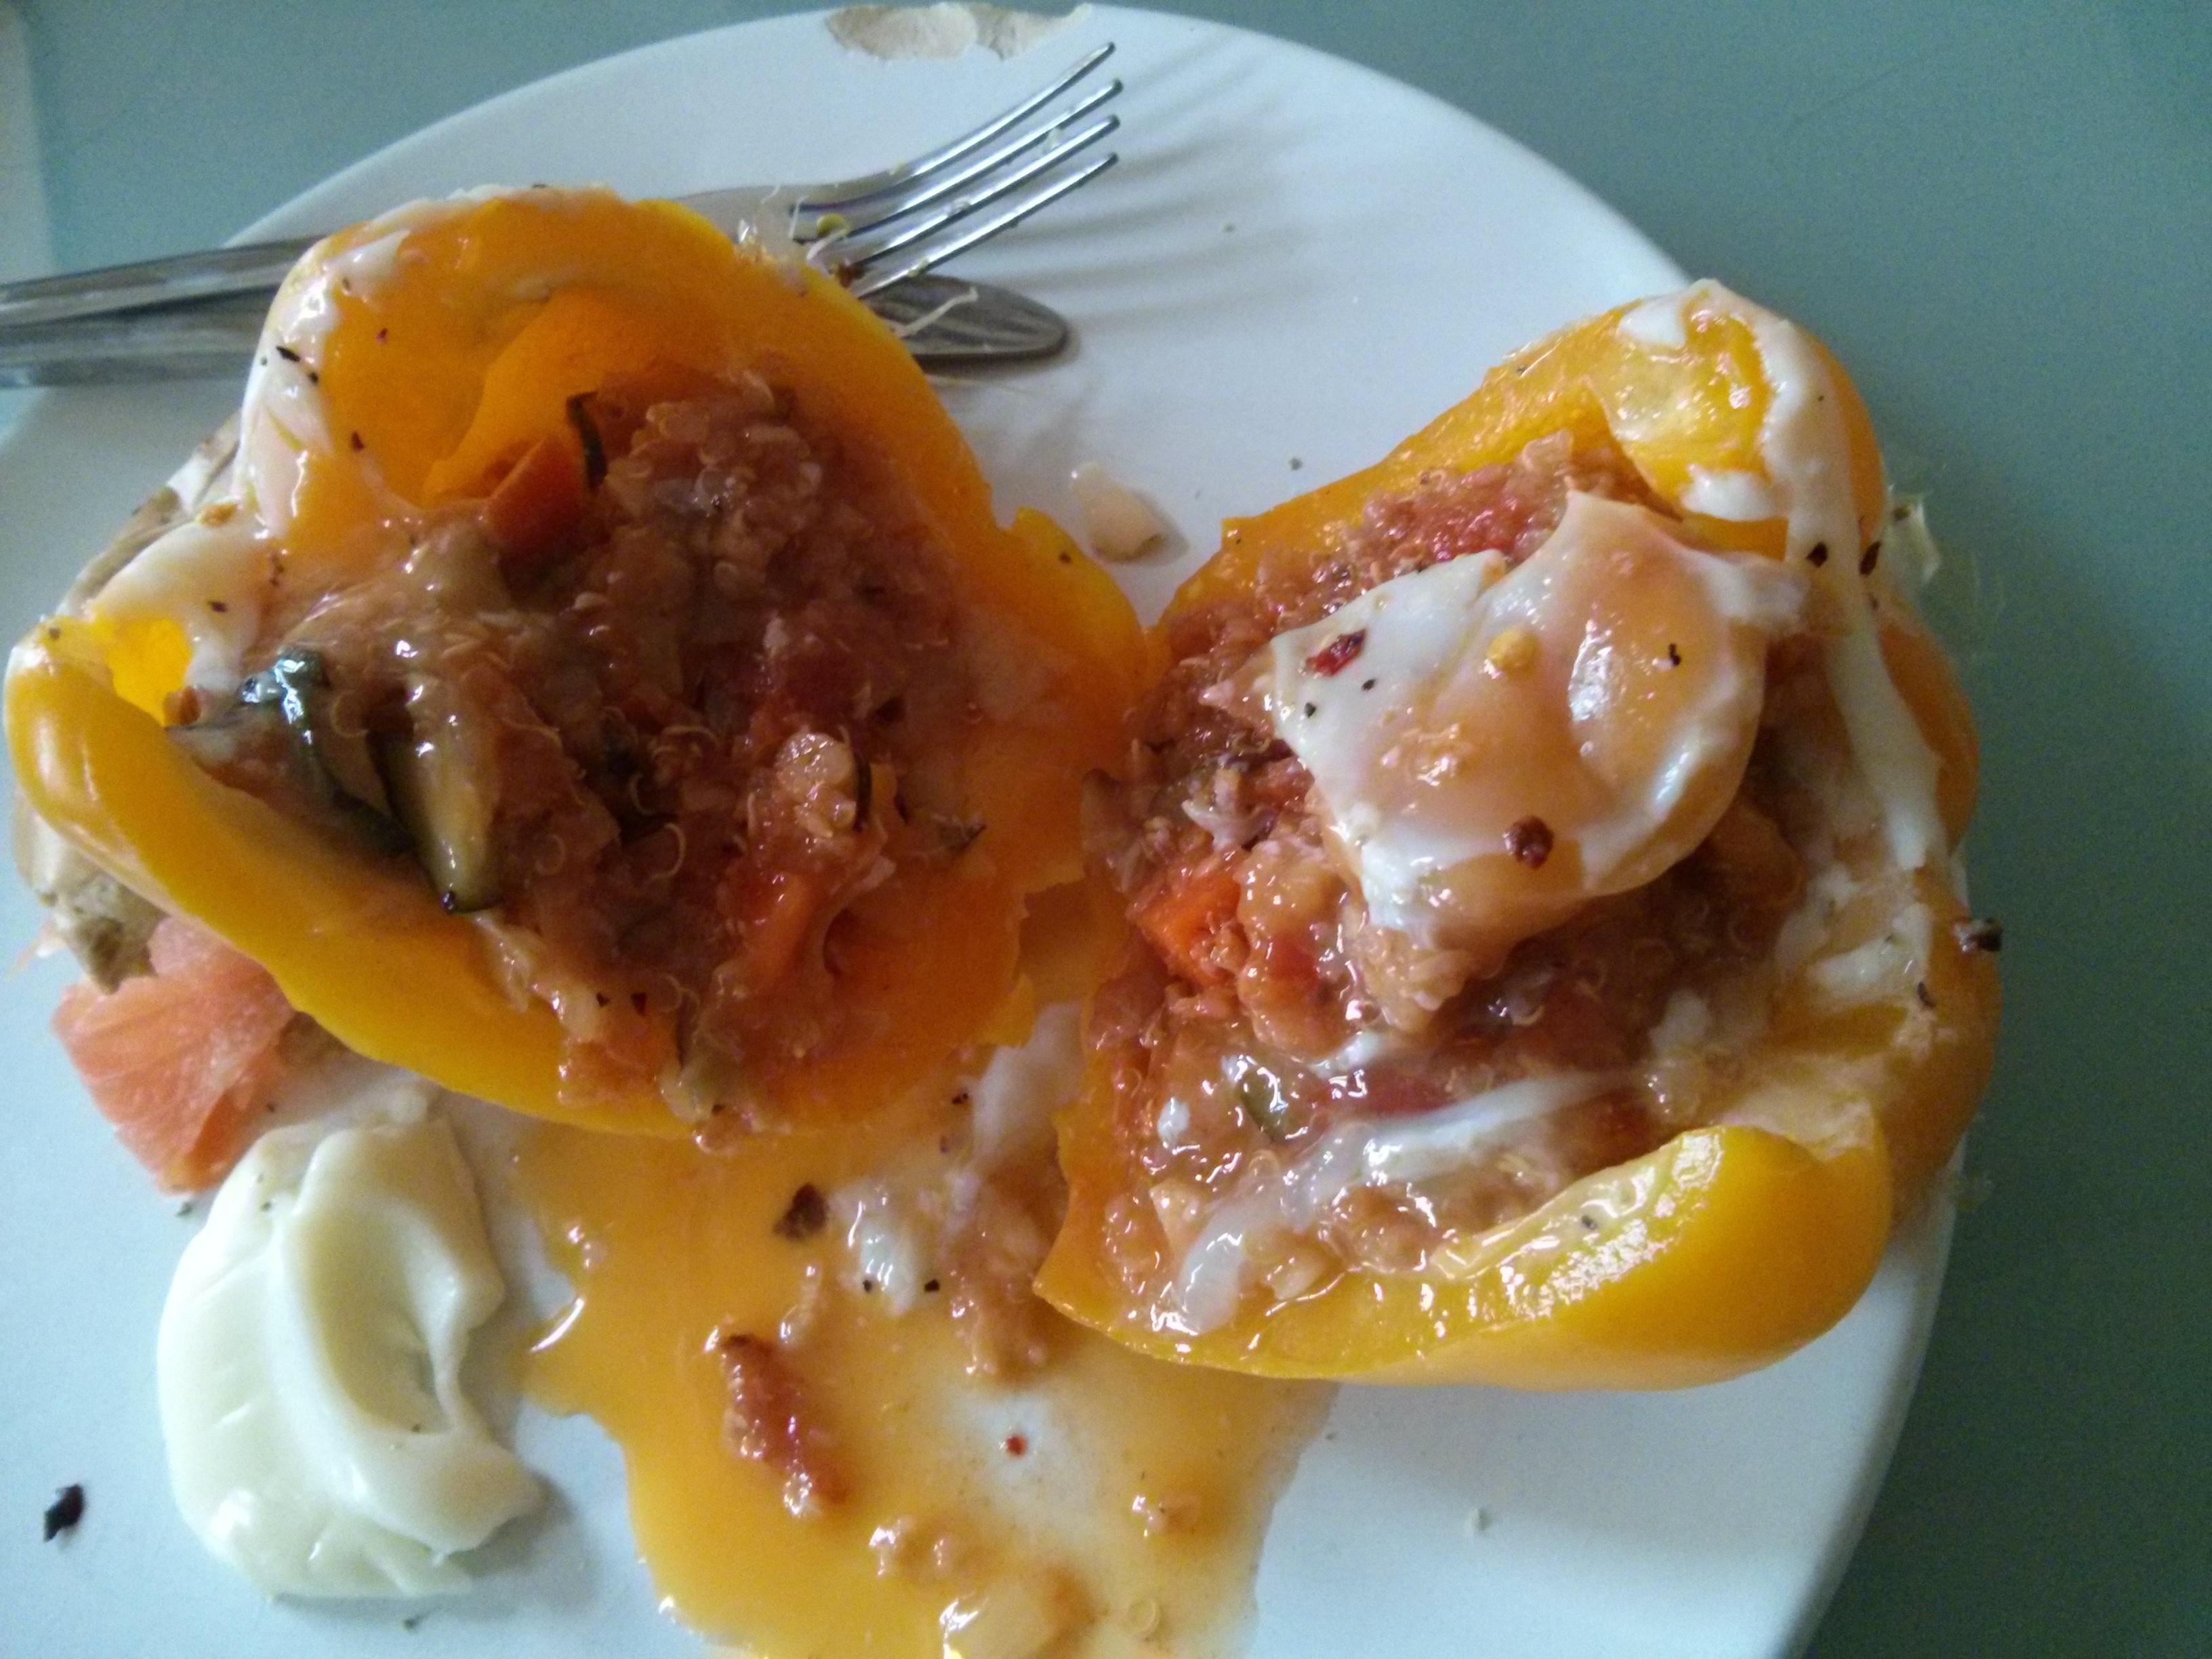 Runny yolk, just the way I like it!